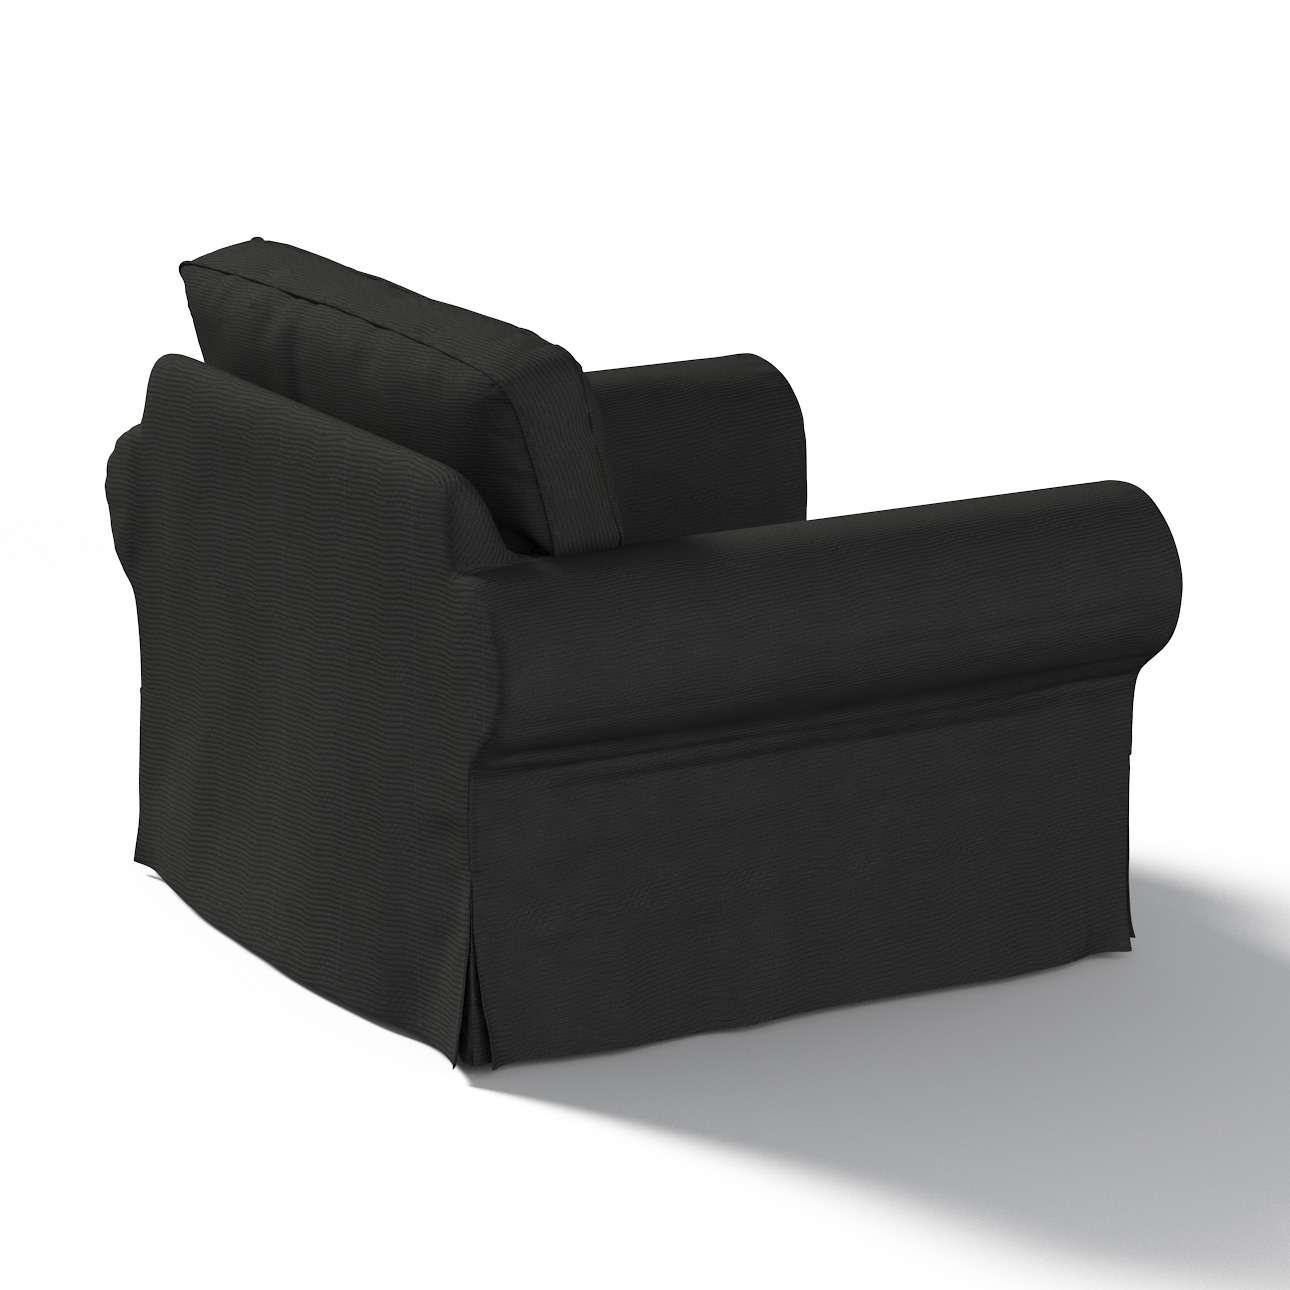 EKTORP fotelio užvalkalas Ektorp fotelio užvalkalas kolekcijoje Etna , audinys: 705-00